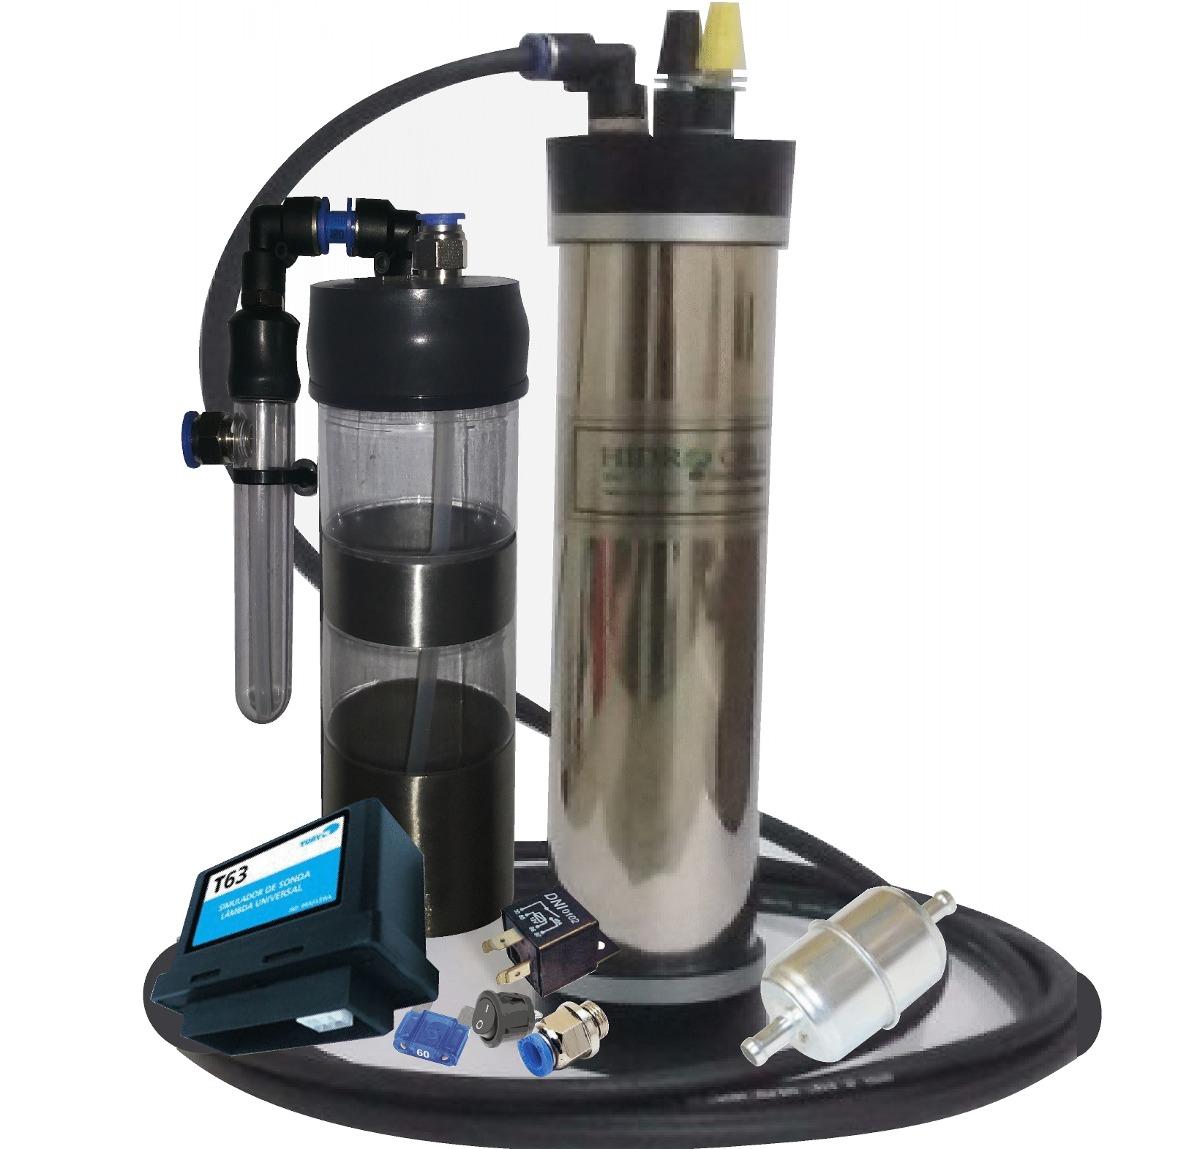 Colocar bicarbonato de sódio na solução da célula? Kit-gerador-de-hidrgnio-31620-a-25-l-hho-ecde-30a90-856701-MLB20390341774_082015-F